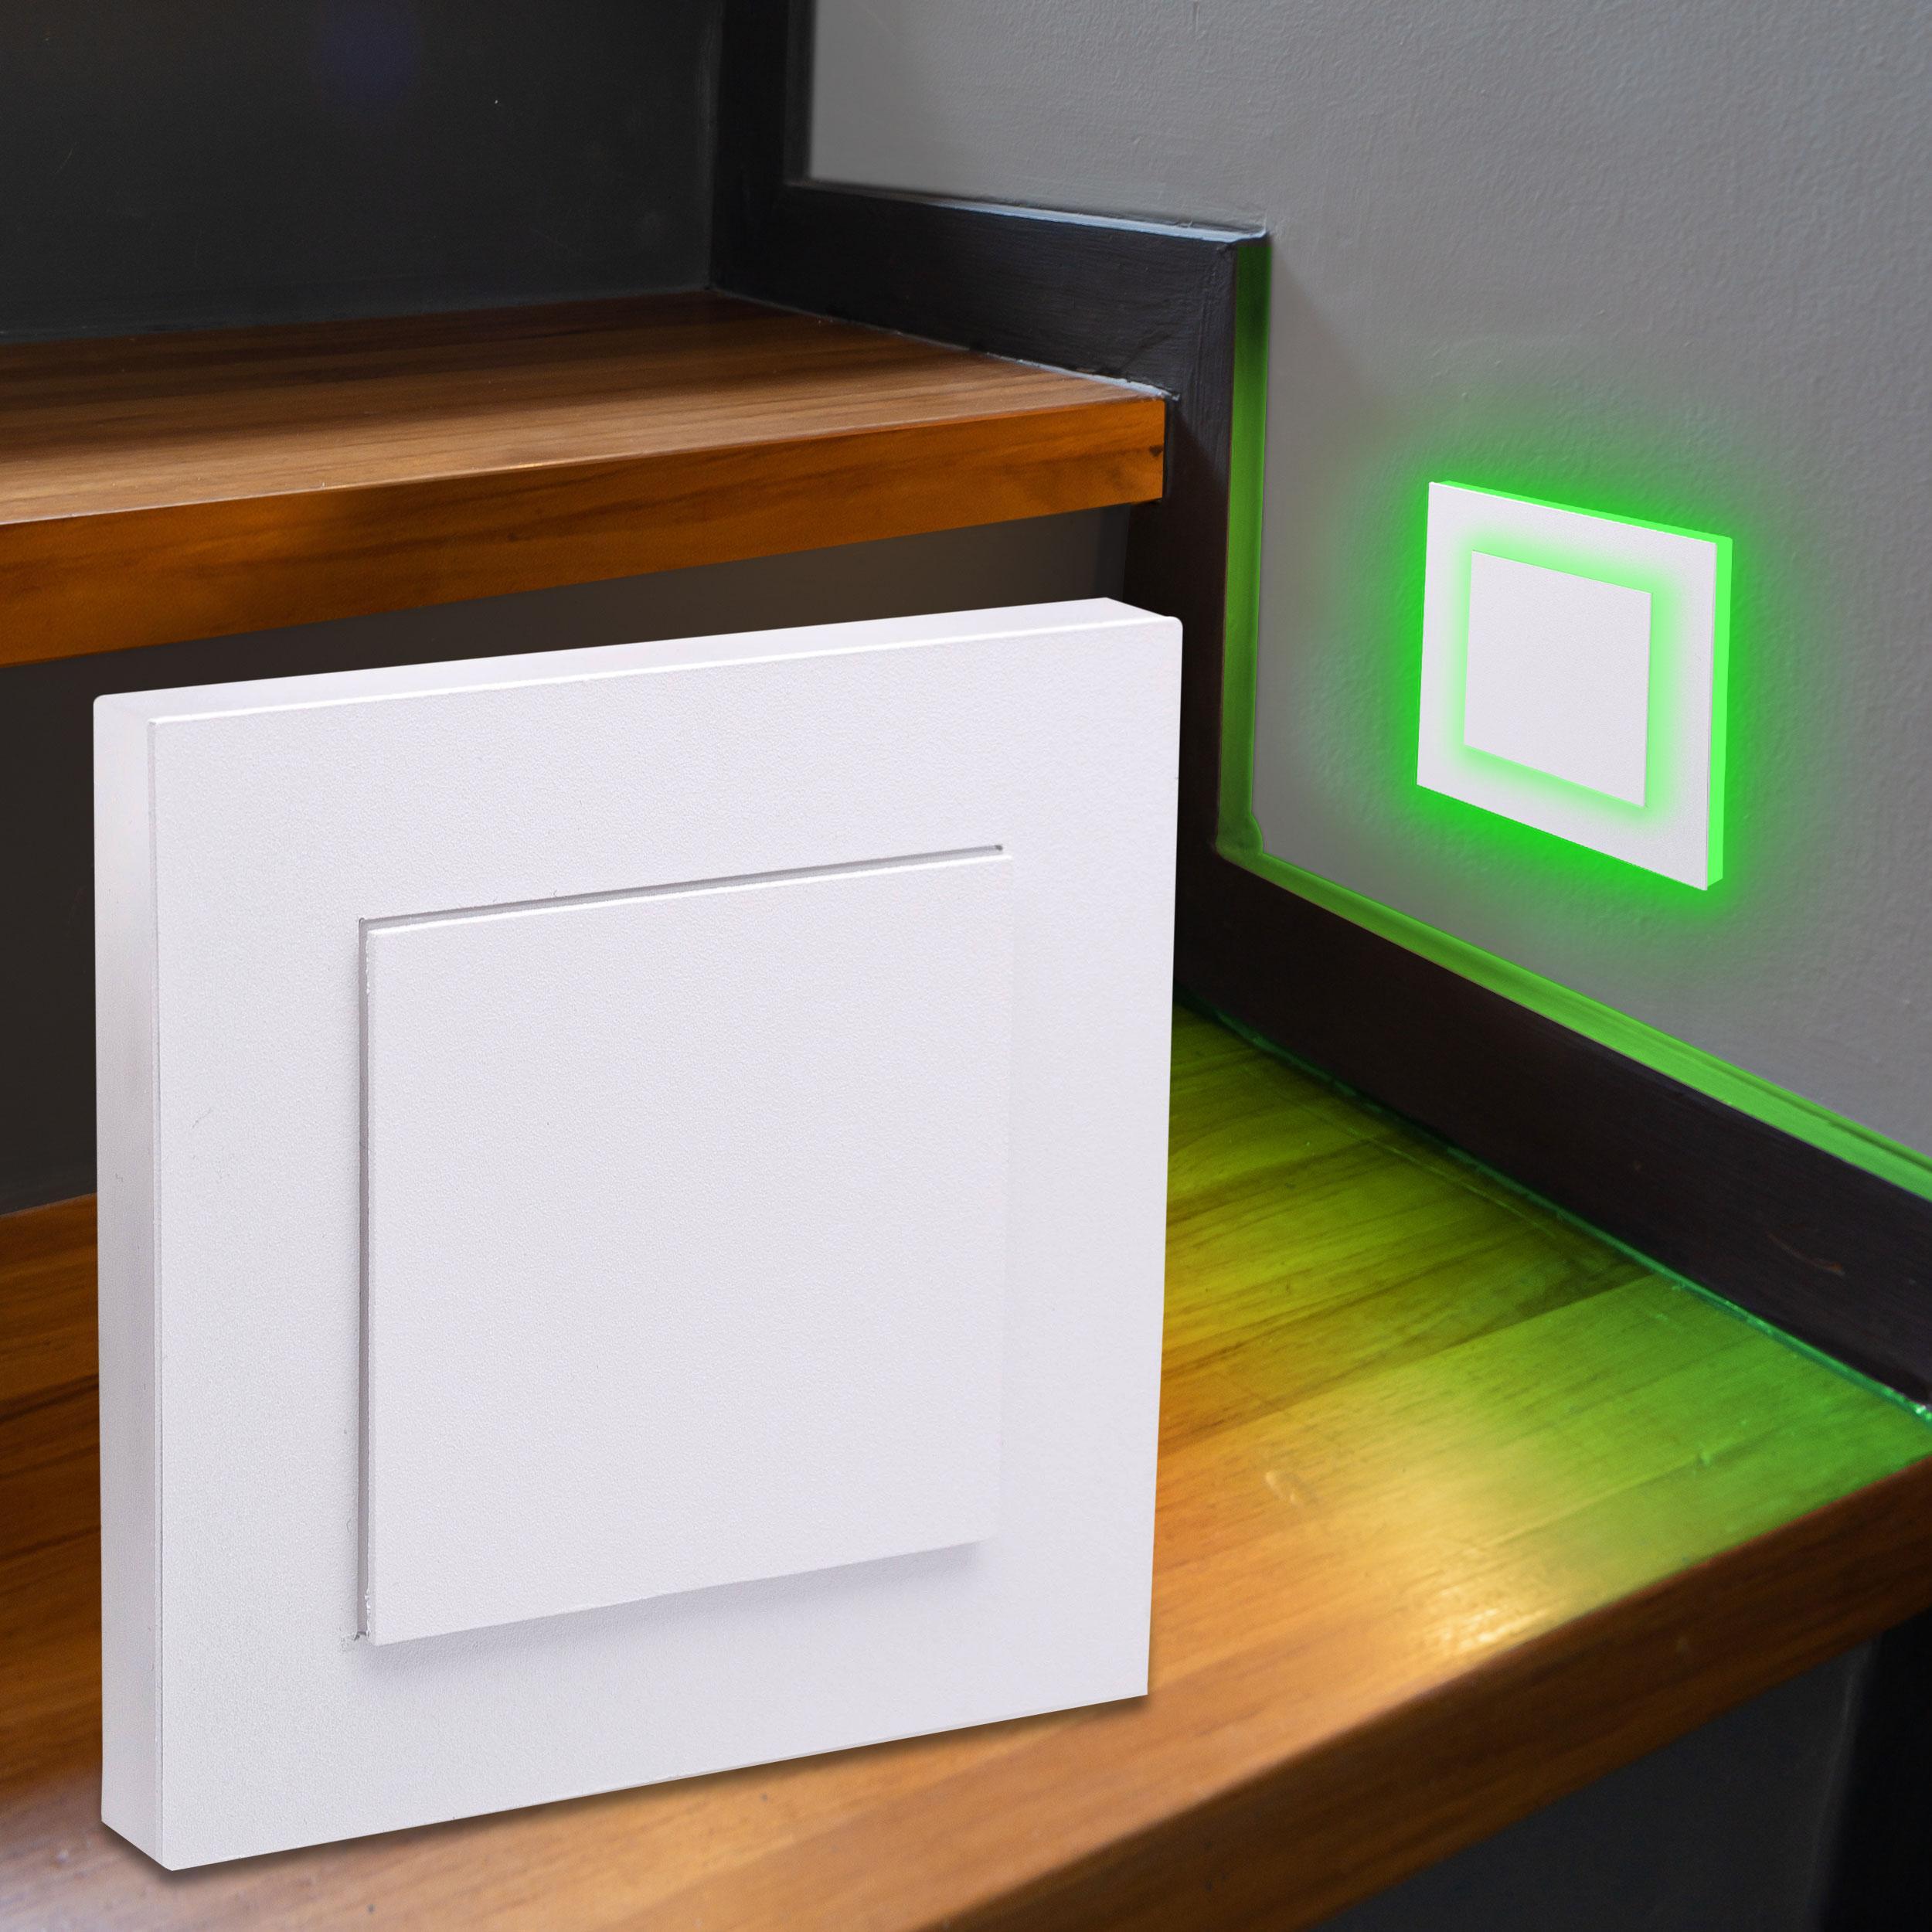 LED Treppenlicht Wandeinbauleuchte Smart Tuya RGB+CCT 230V 5W weiß Lichtaustritt seitlich/doppelt